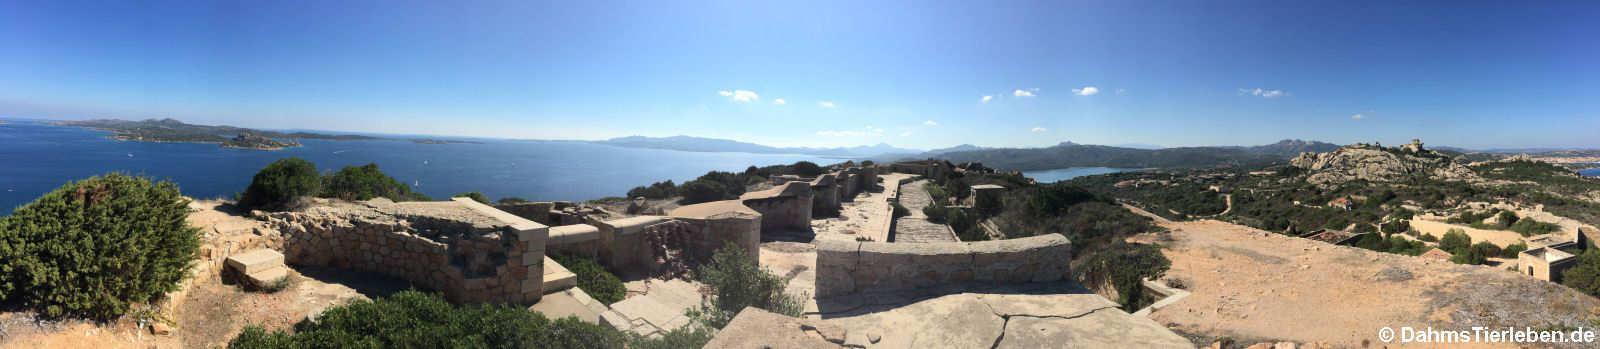 Im Vordergrund die ehemaligen Geschützanlagen. Im Hintergrund links die Insel Caprera, weiter rechts die Baja Sardinia.